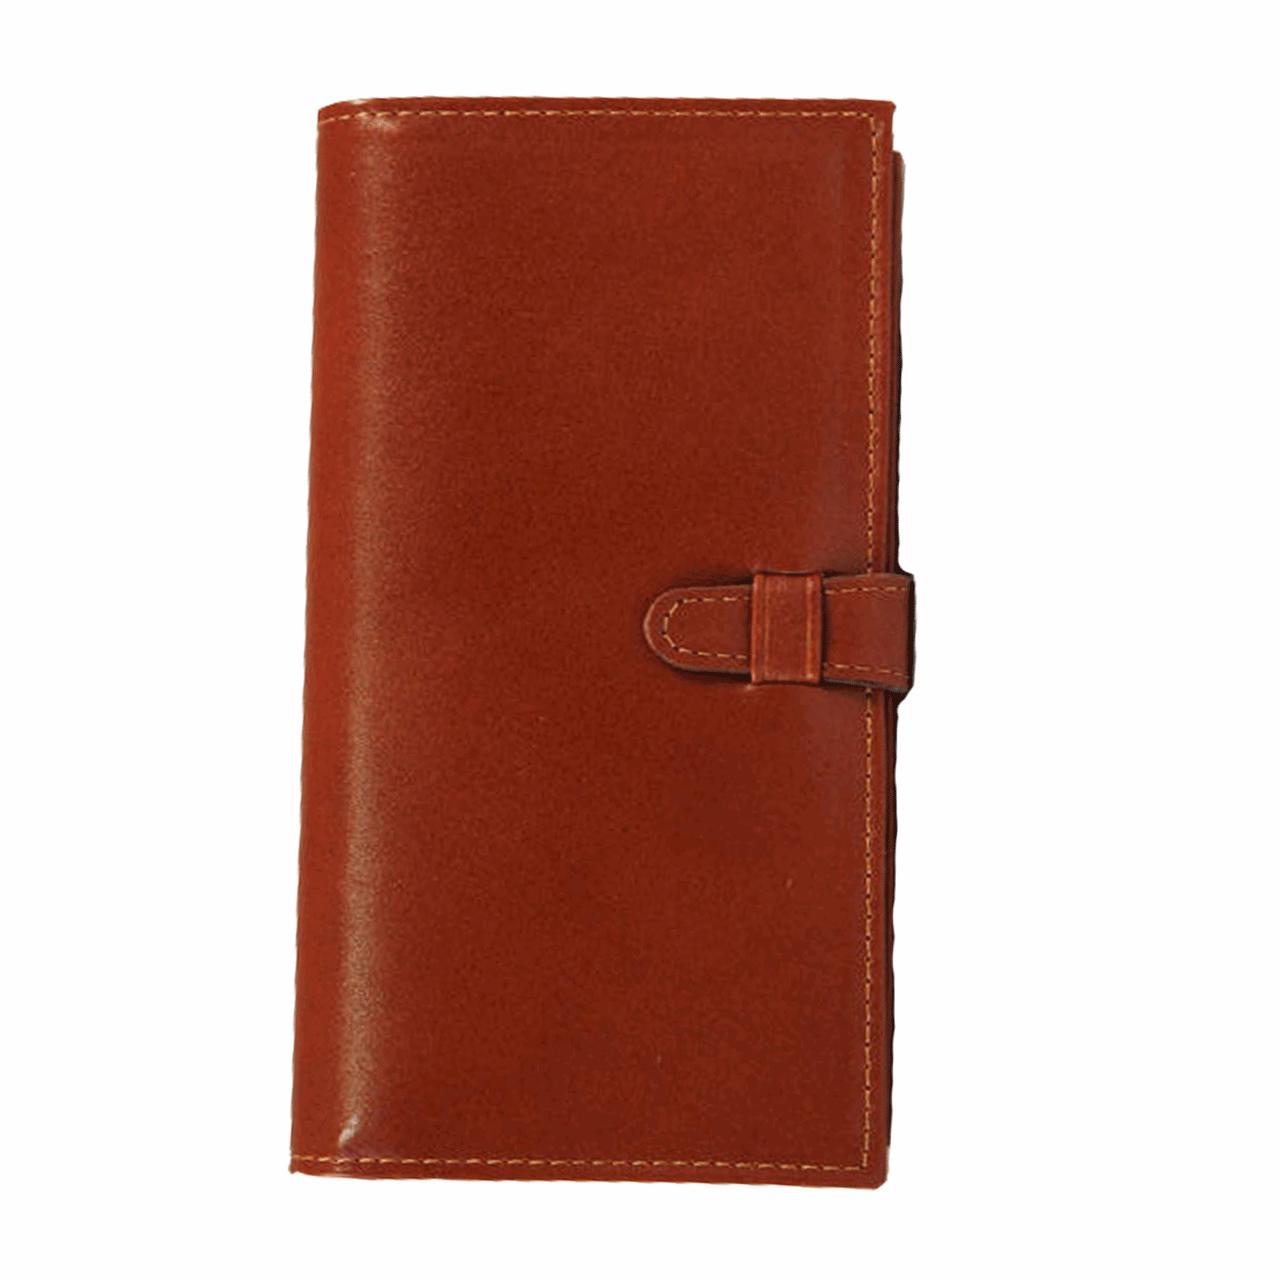 ZANCO natural leather wallet, Model MODIRAN M2